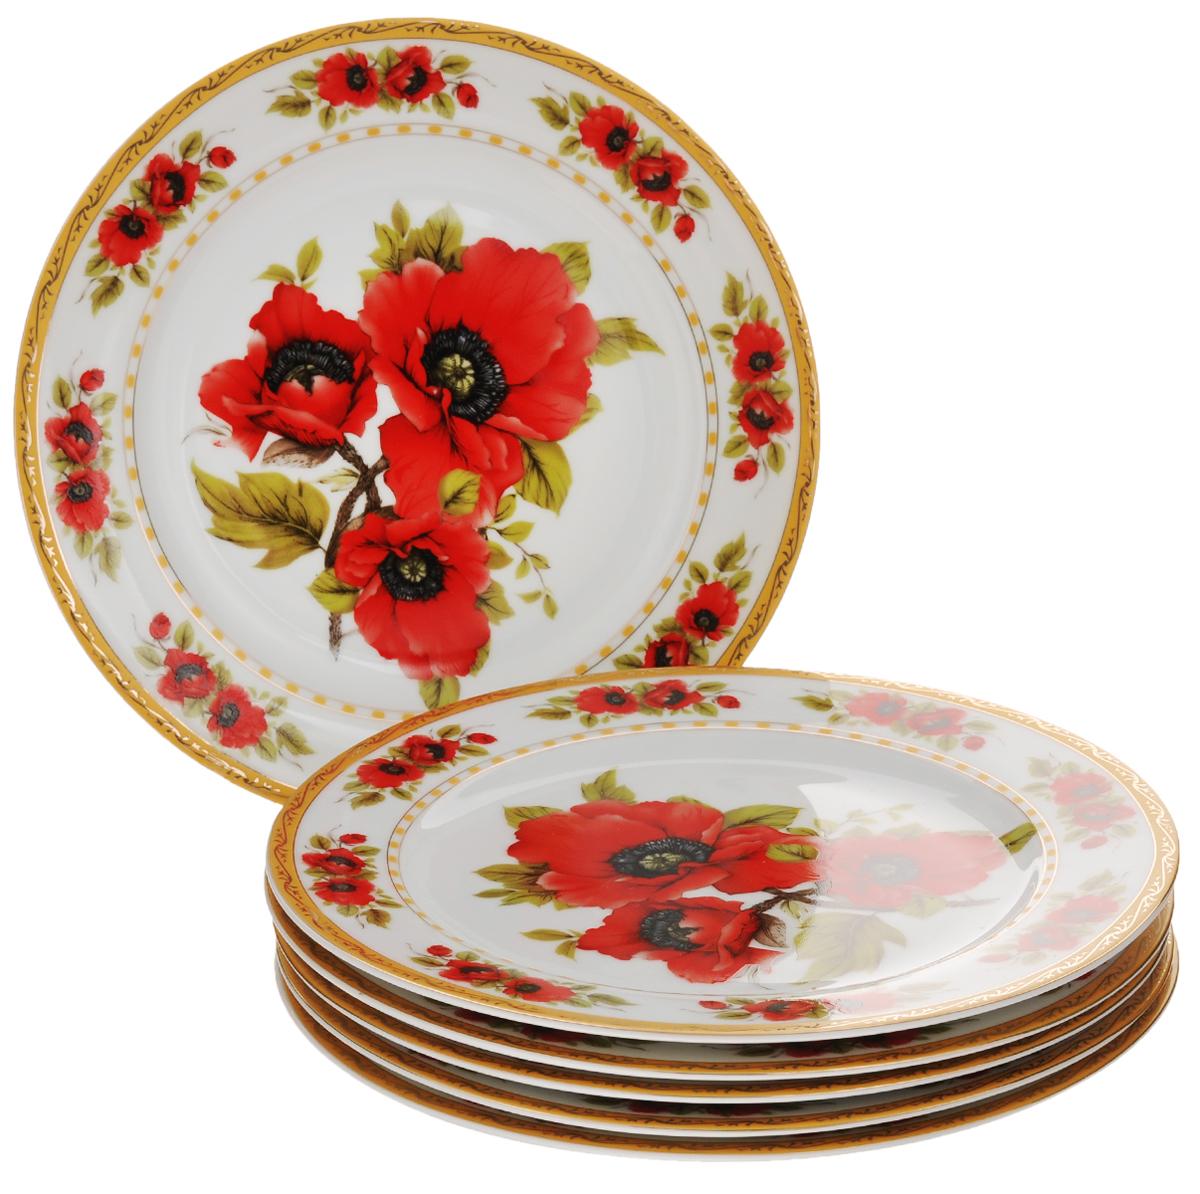 Набор обеденных тарелок Elan Gallery Маки, диаметр 23 см, 6 шт503620Набор Elan Gallery Маки состоит из 6 обеденных тарелок, выполненных из высококачественной керамики. Изделия предназначены для красивой сервировки различных блюд и украшены цветочным рисунком. Набор сочетает в себе стильный дизайн с максимальной функциональностью. Оригинальность оформления придется по вкусу и ценителям классики, и тем, кто предпочитает утонченность и изящность.Не использовать в микроволновой печи. Диаметр тарелки (по верхнему краю): 23 см.Высота тарелки: 1,7 см.